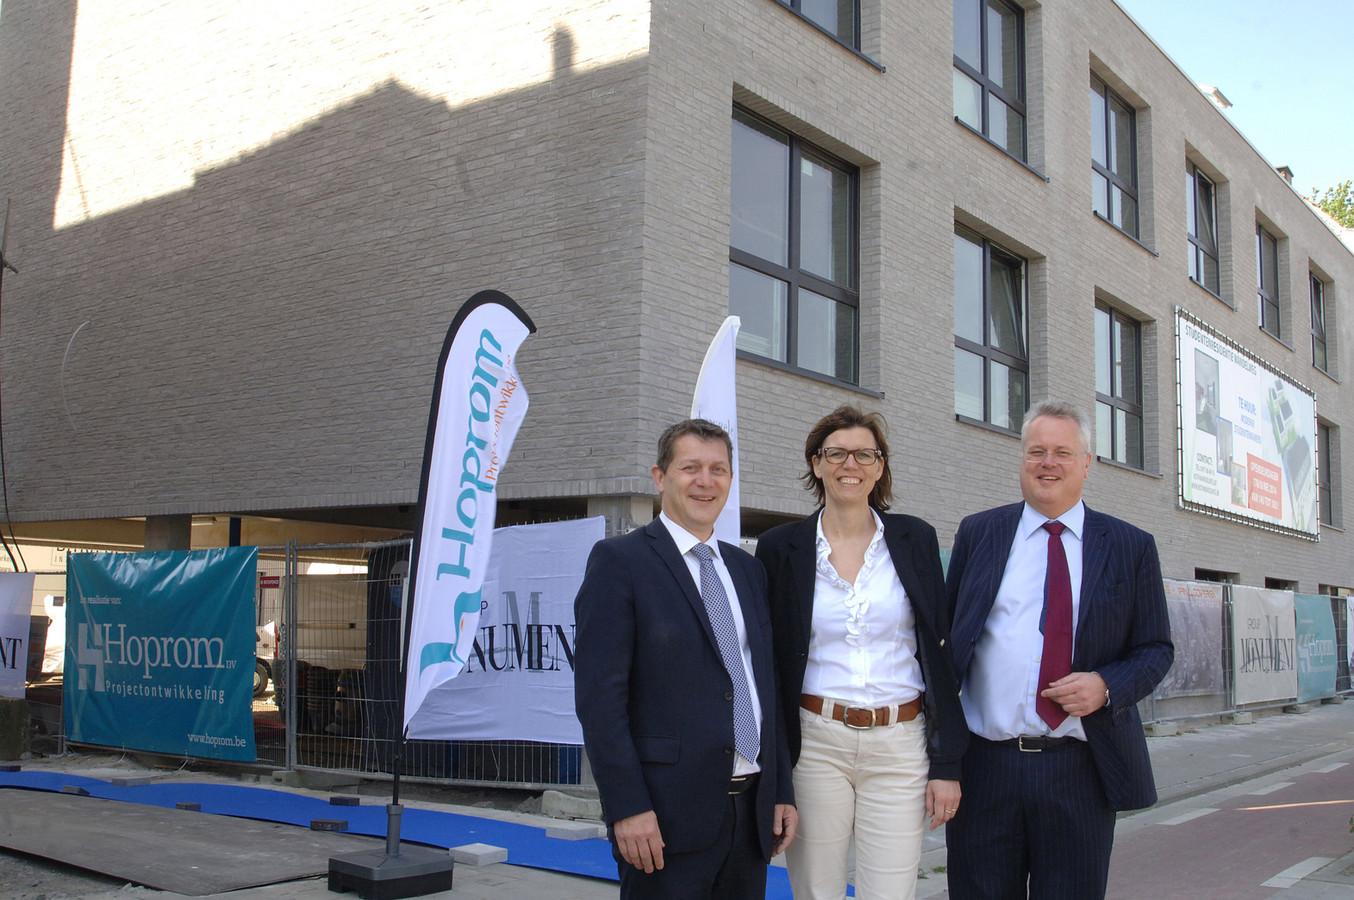 Peter Hellin, Freja Deloddere en Jan Hooijmaaijer bij de koten in het gerenoveerde magazijn Robbe.